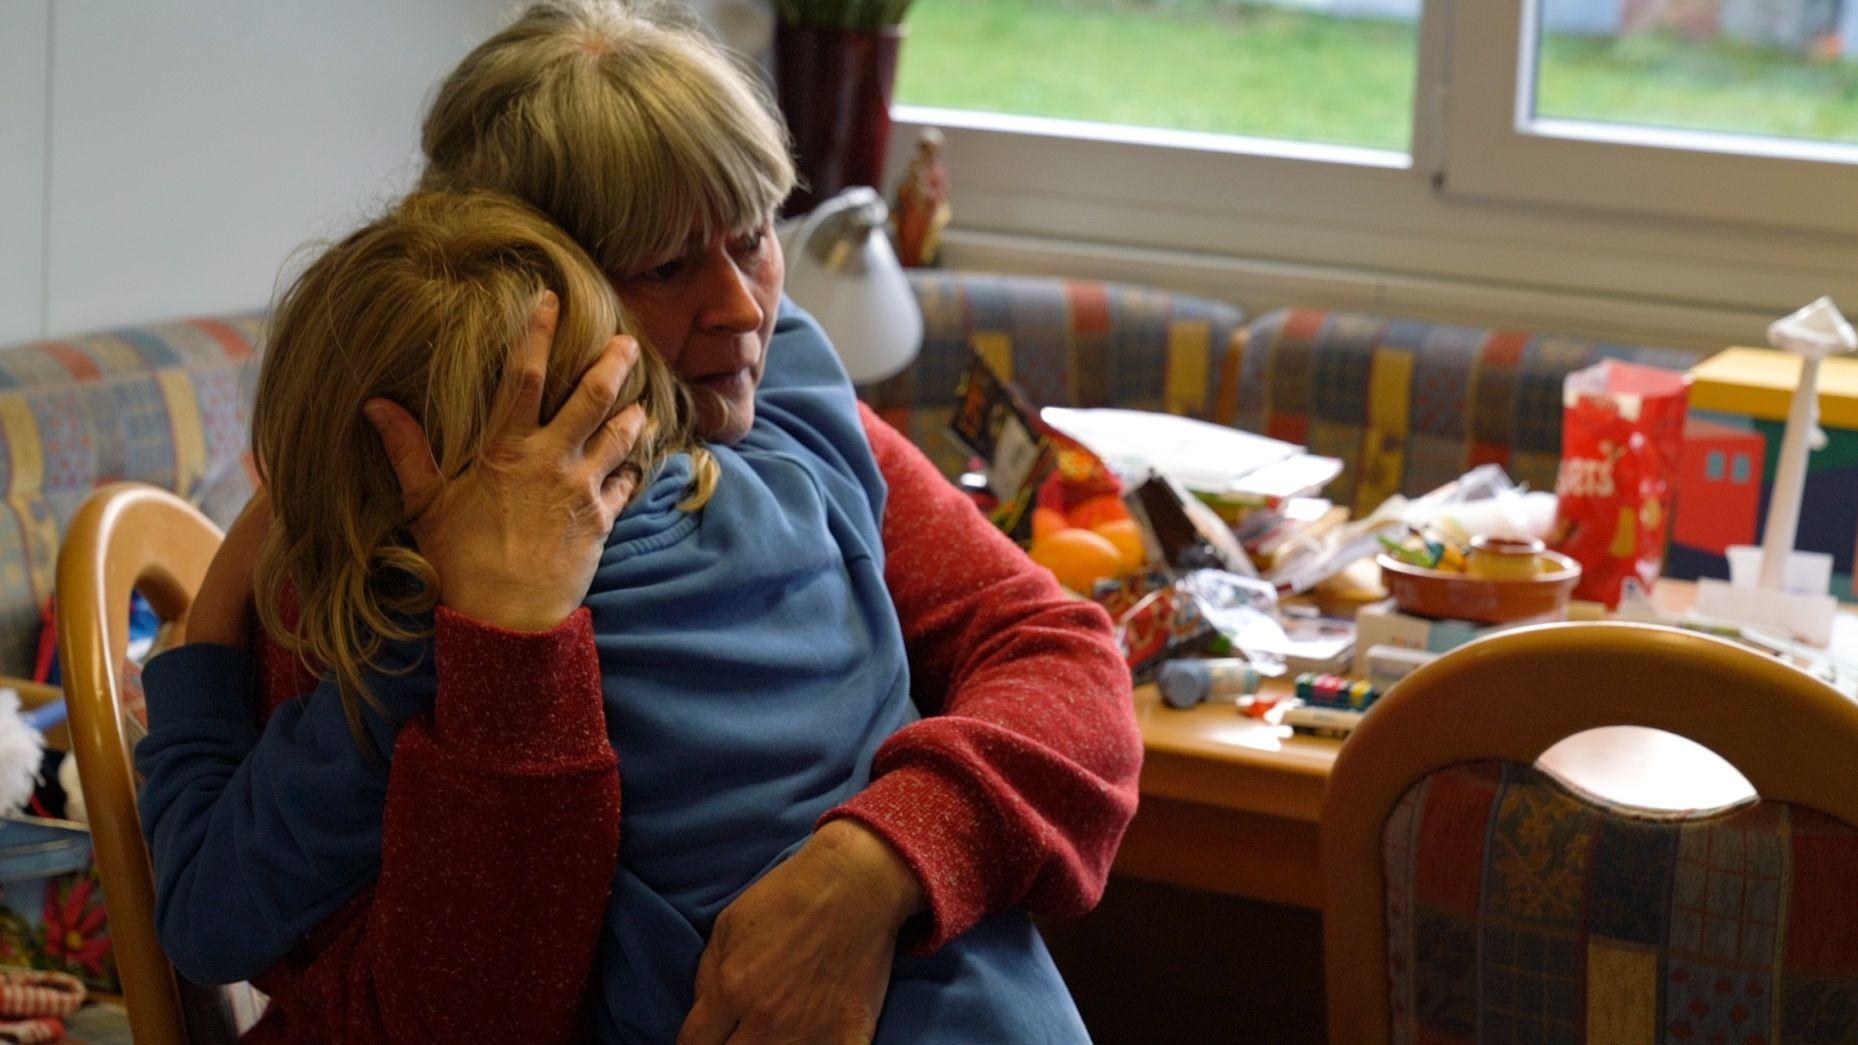 Mutter Ulrike Werner-Wolf und ihr Kind im Wohncontainer